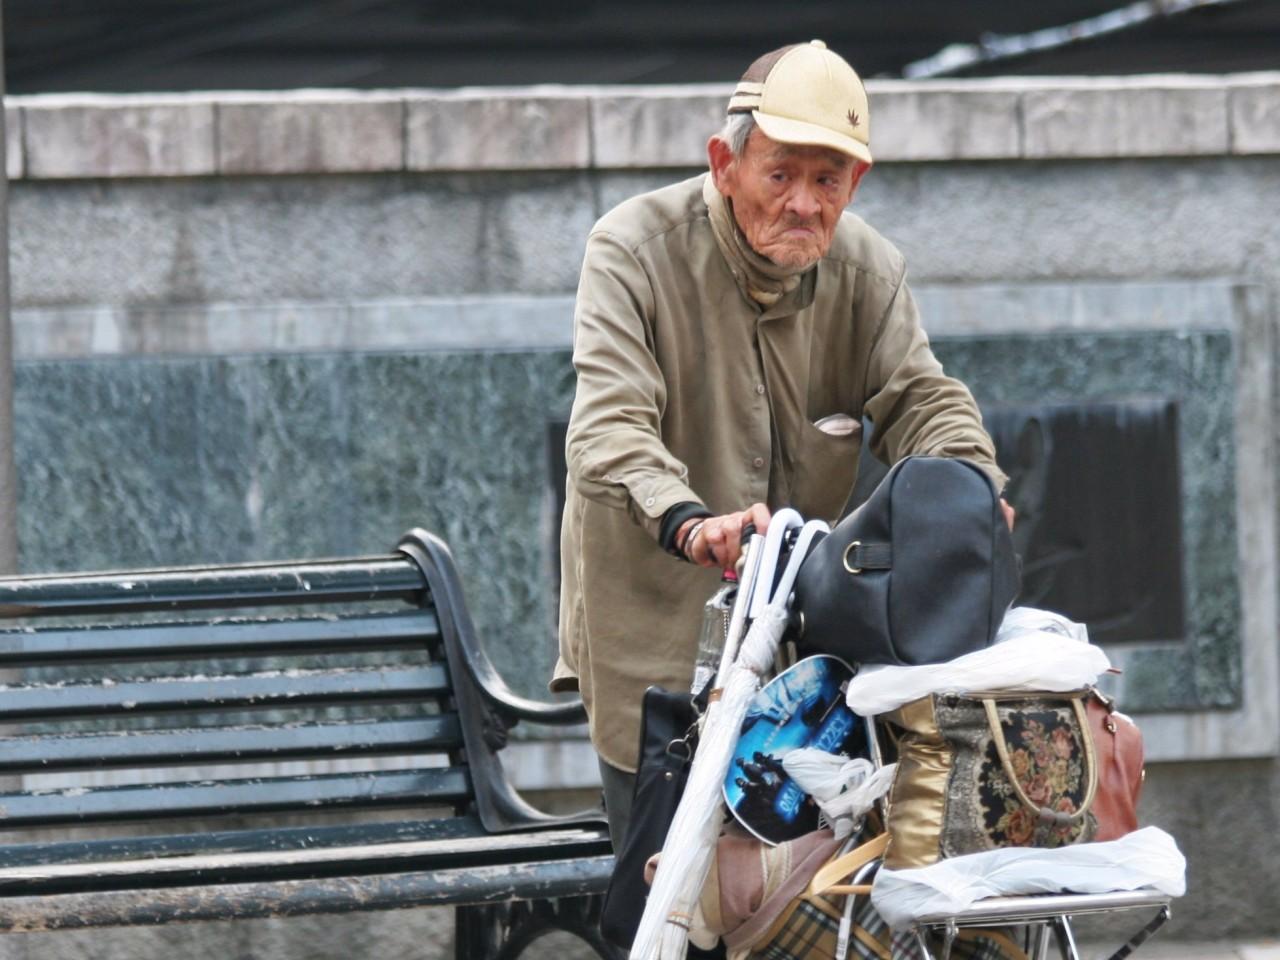 Есть древний обычай избавления от стариков! Их просто отводят в горы и оставляют на голодную смерть...